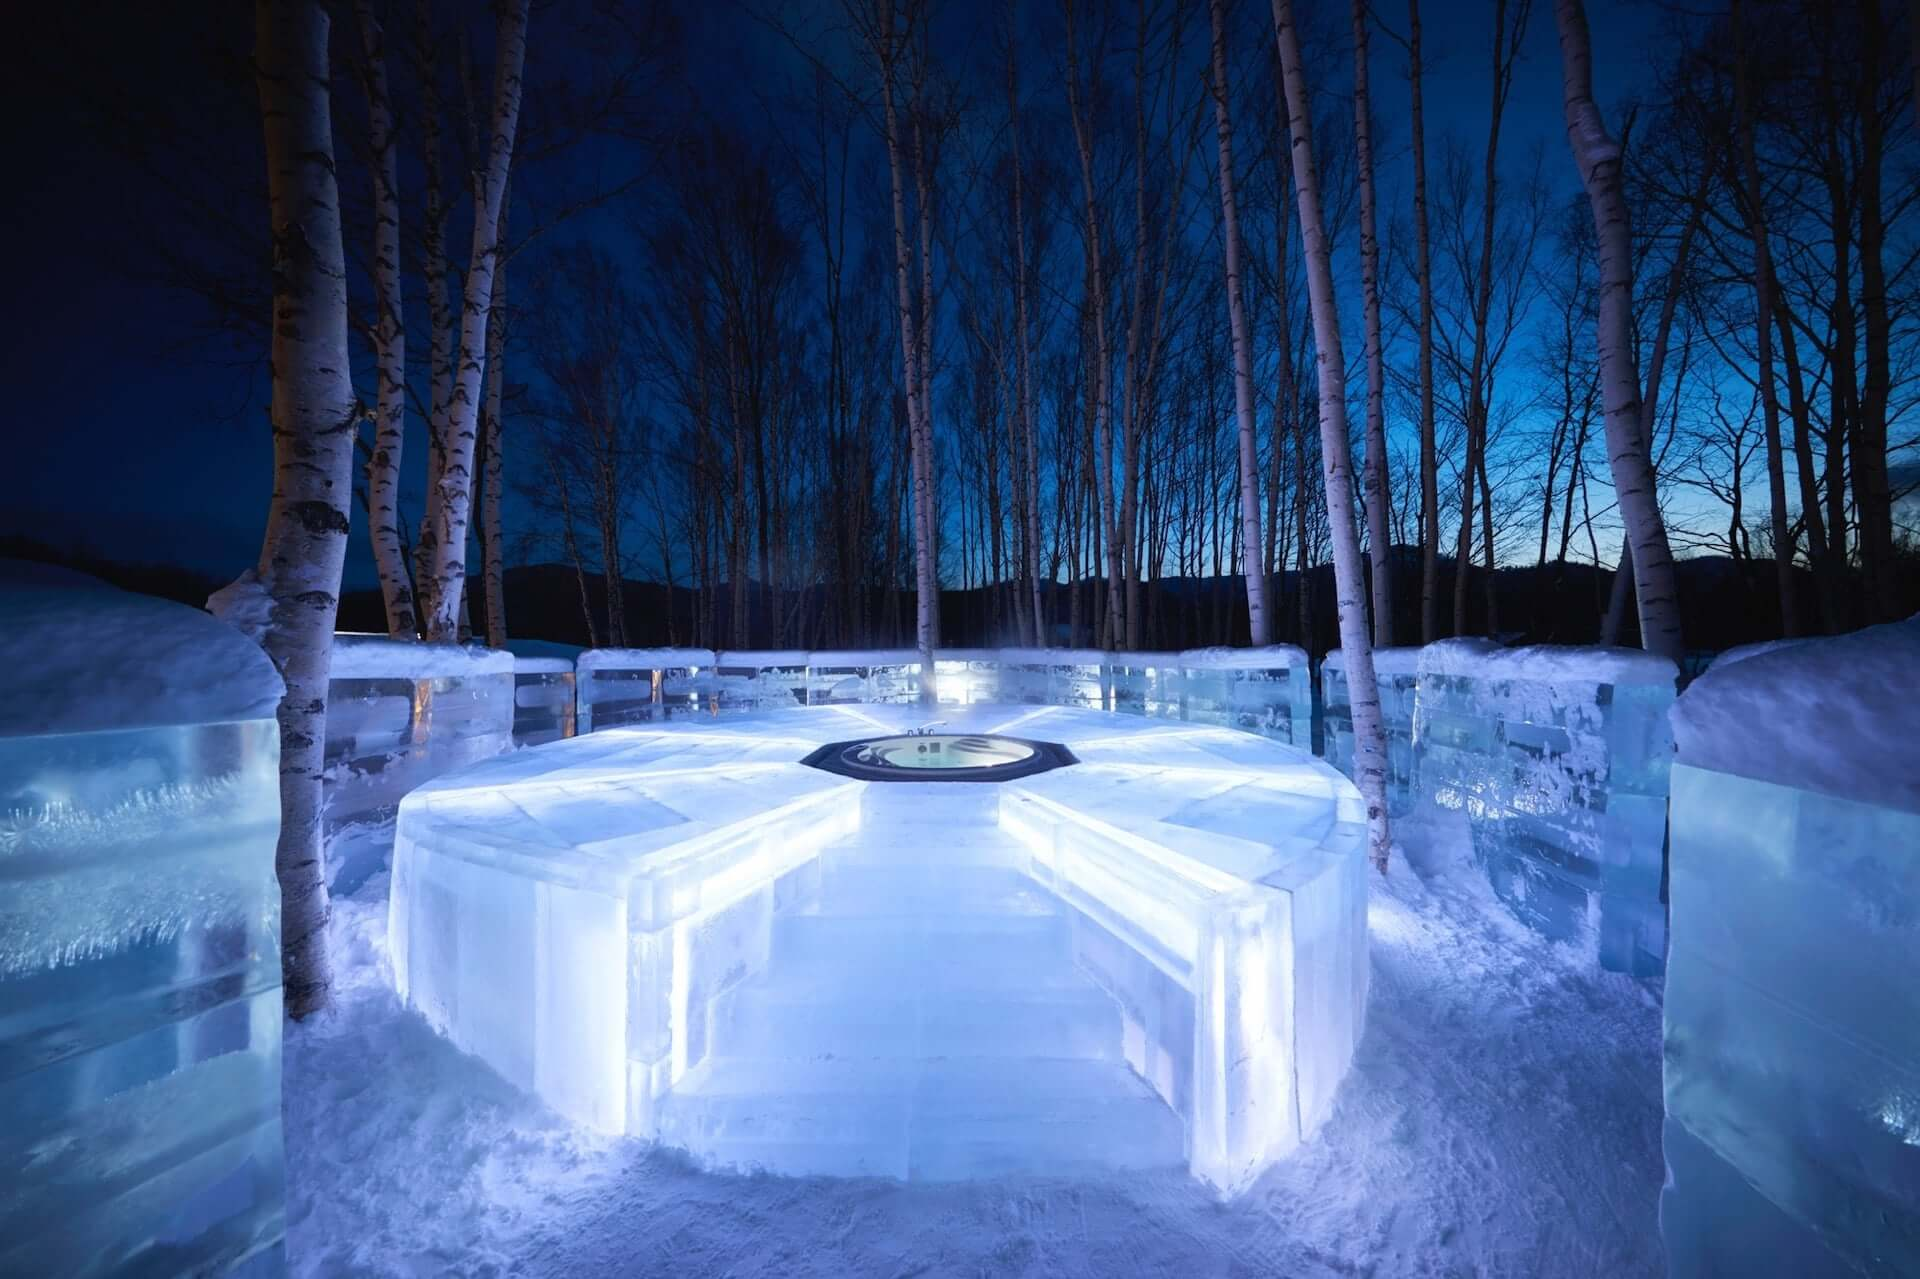 「氷の露天風呂」も堪能できる氷のホテルが北海道最大級のスノーリゾート・星野リゾート トマムに今年も登場! art201202_tomamu_3-1920x1279